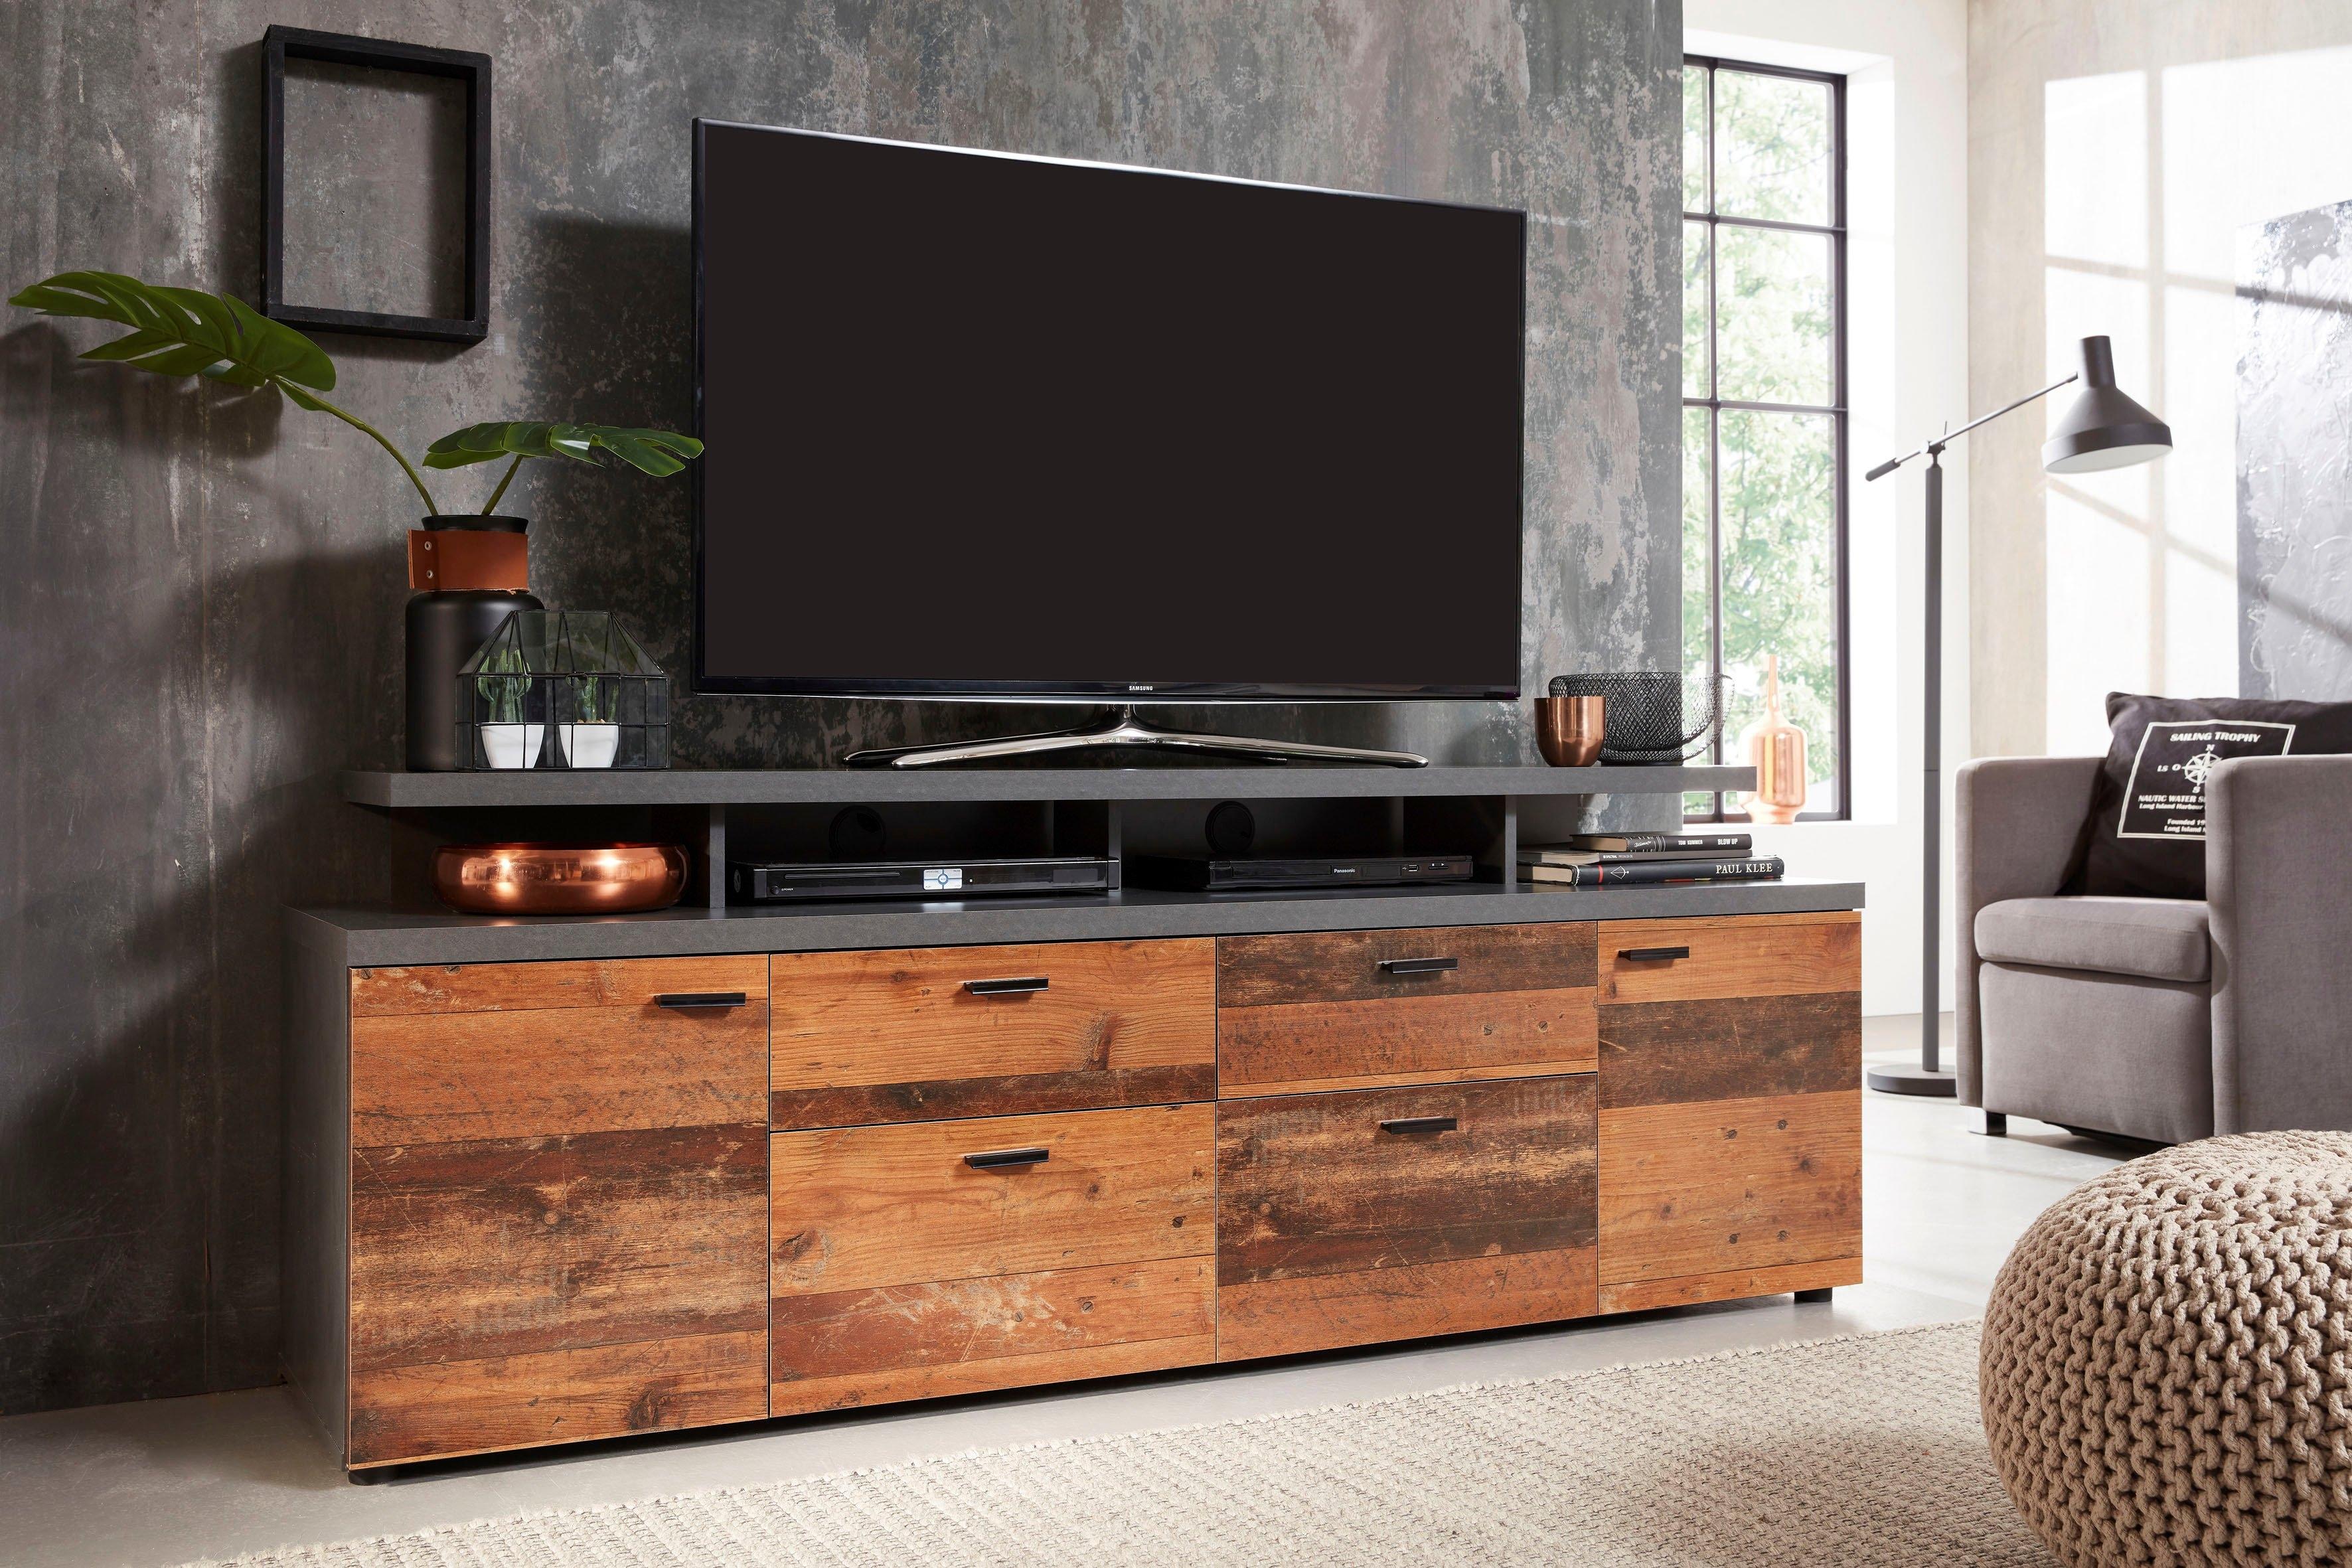 trendteam tv-meubel Mood Tv-podium met open vakken (2 stuks) voordelig en veilig online kopen